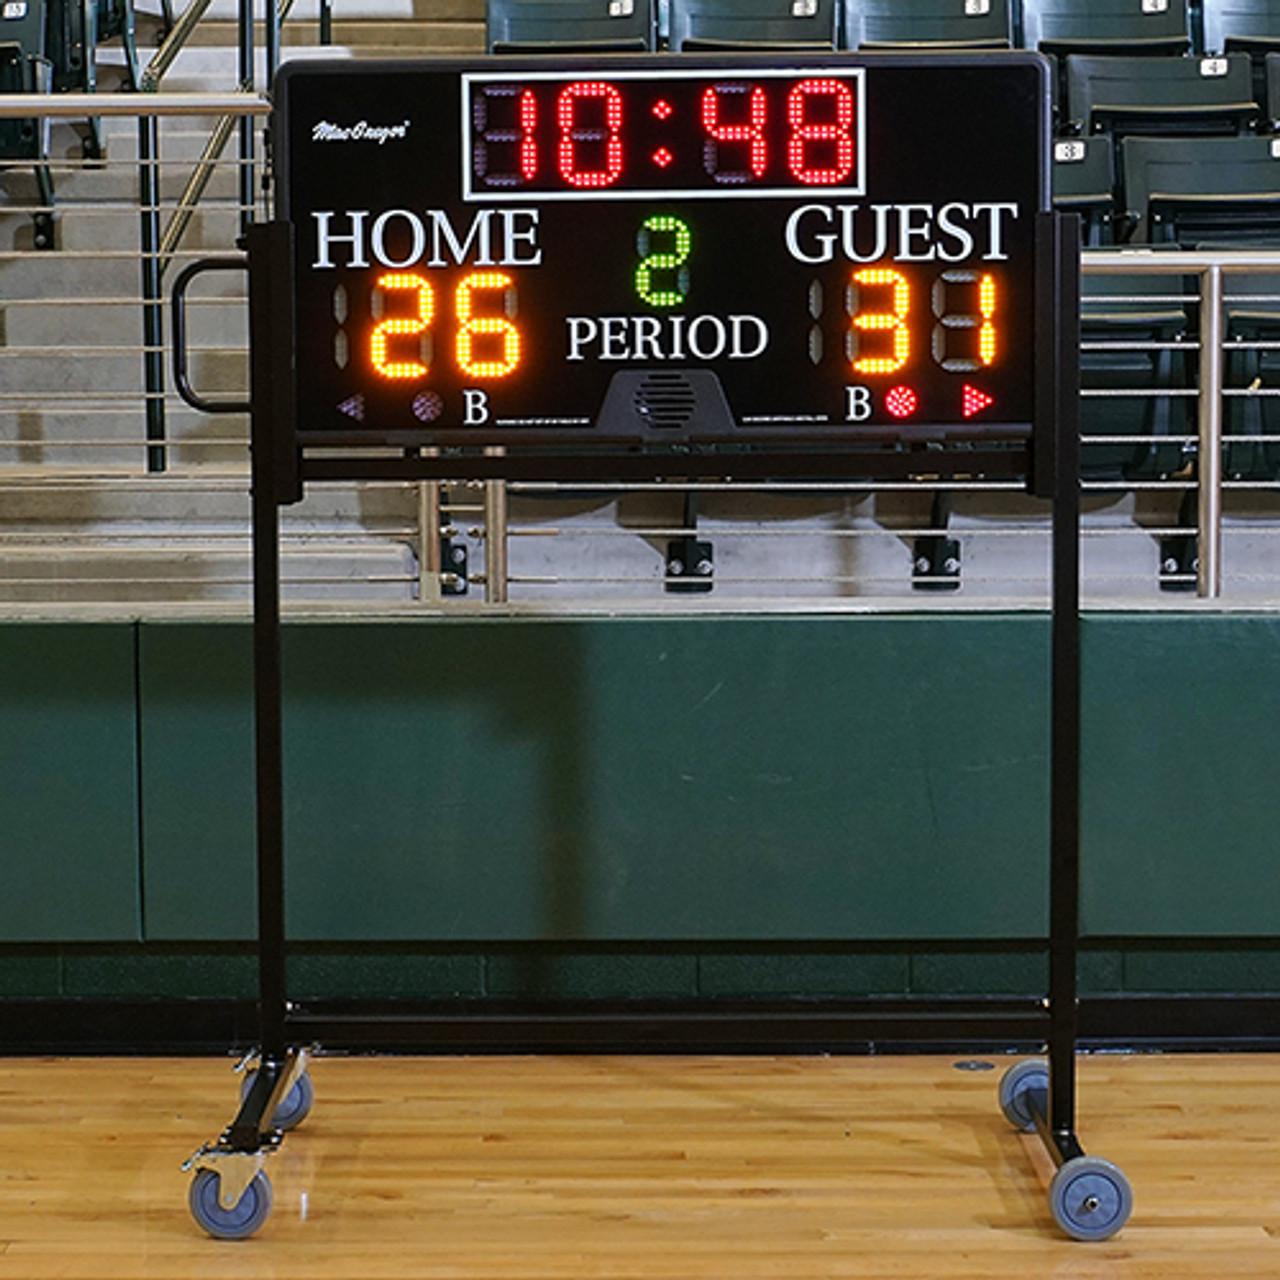 MacGregor 4' x 2' Electronic Multi-Sport Indoor Scoreboard